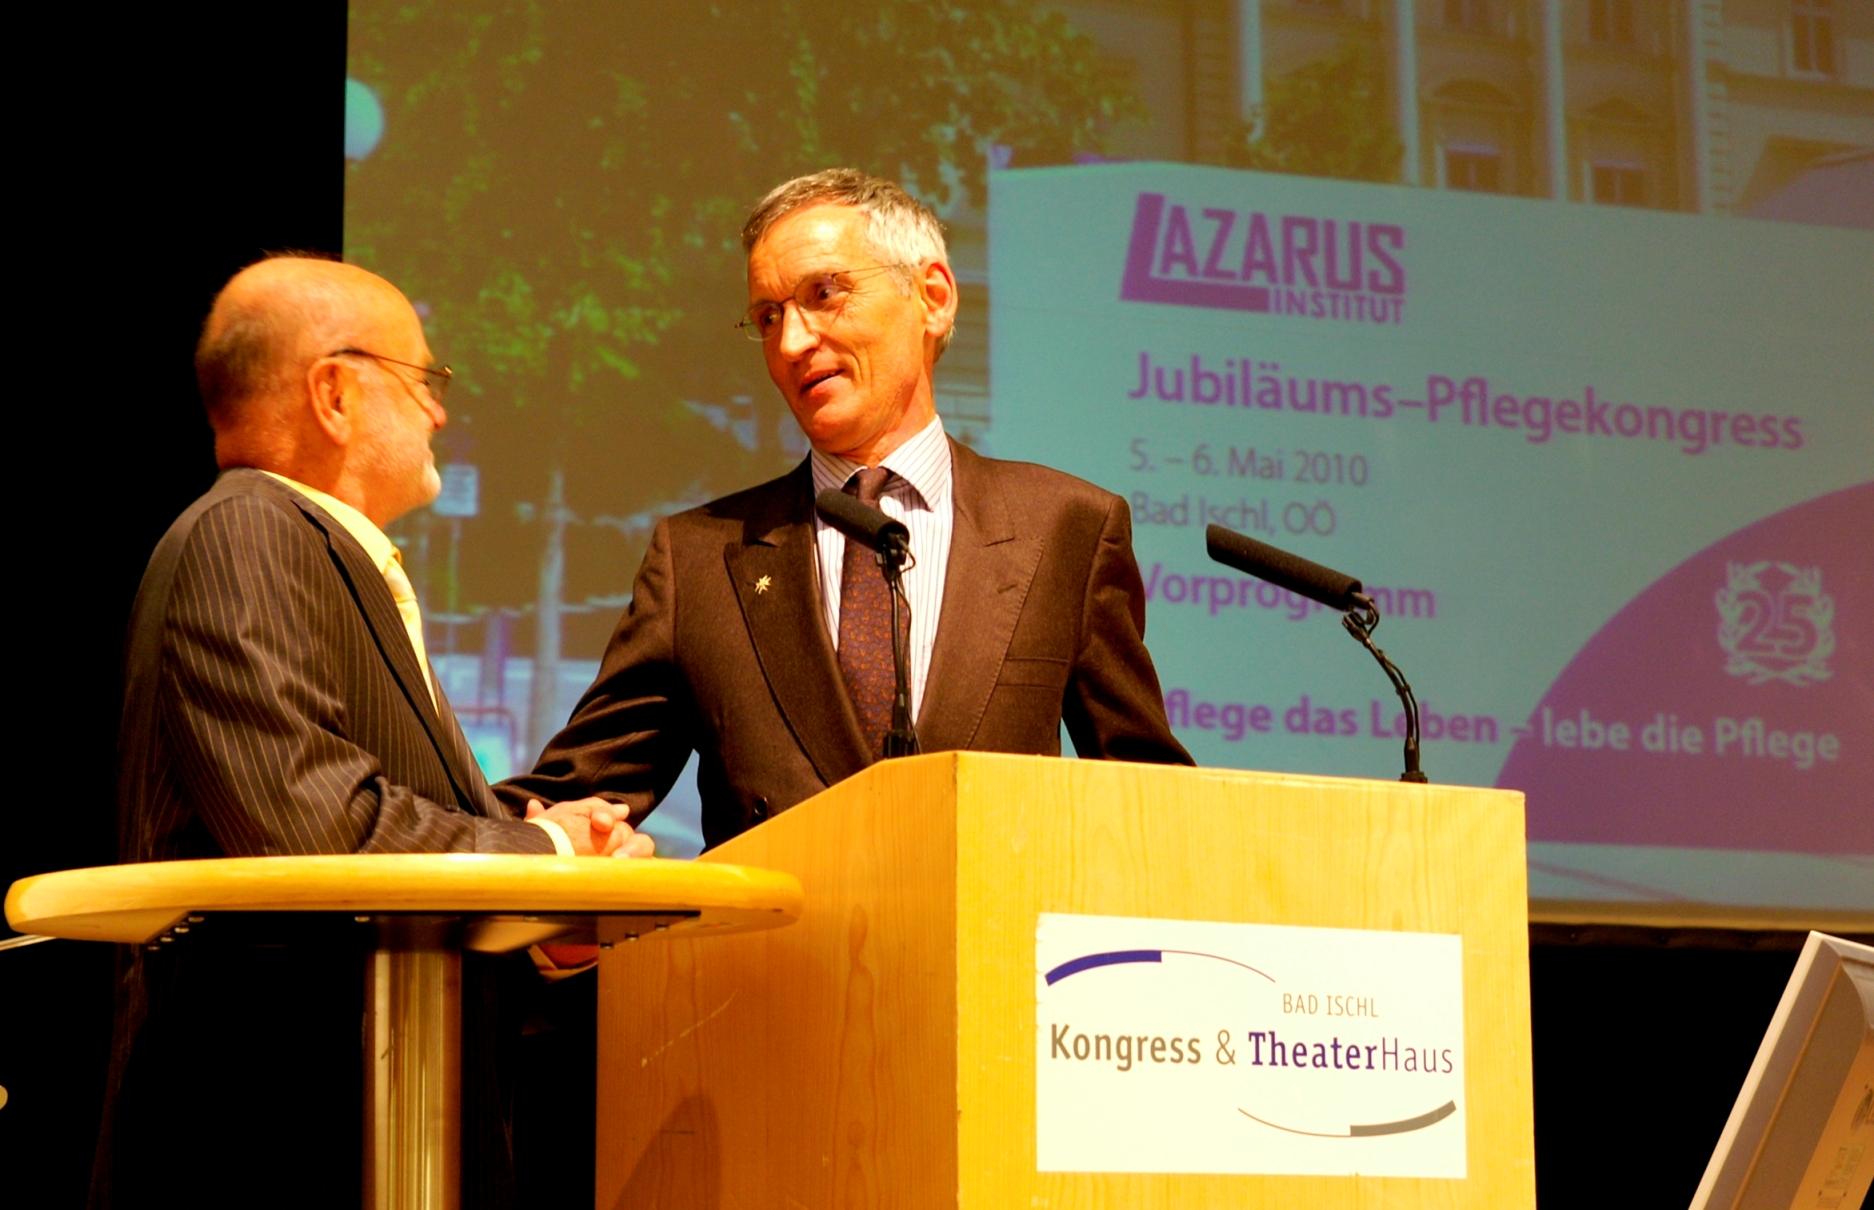 Der Kongress gratulierte Prof. Erwin Böhm zum 70. Geburtstag